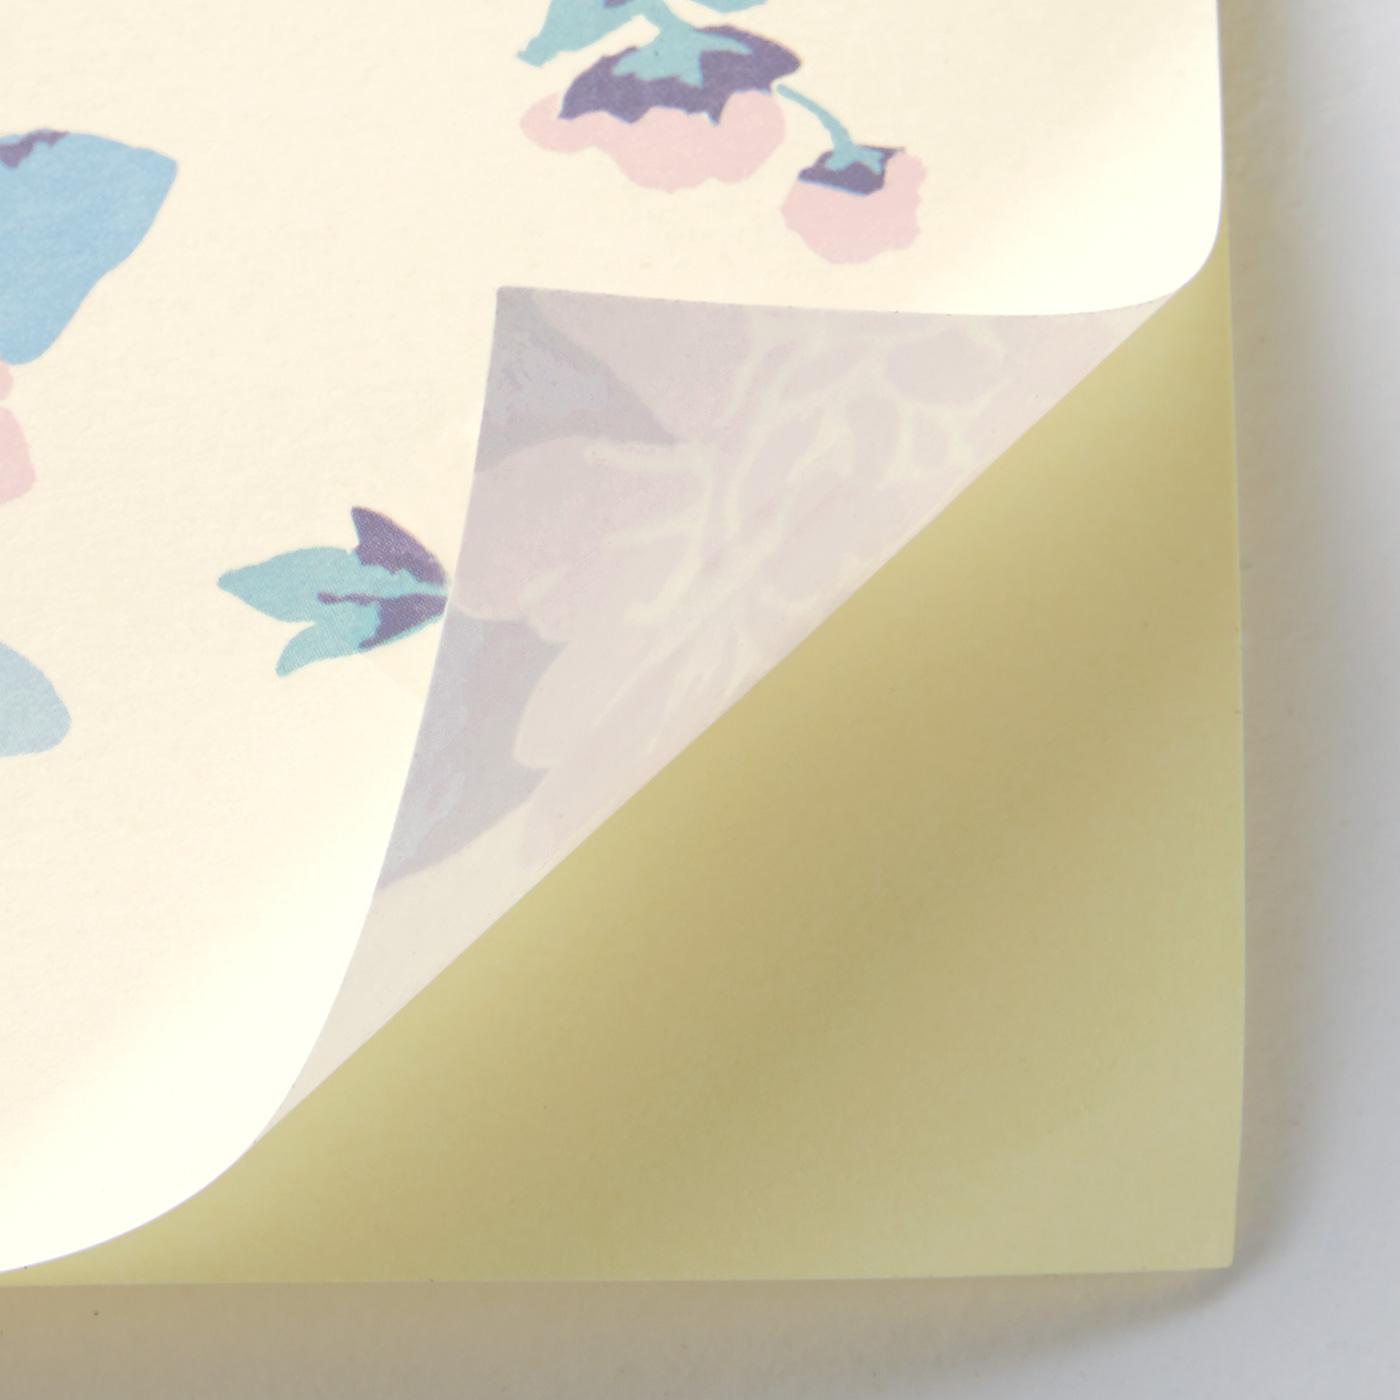 壁にぴたりと貼り付く薄手の上質紙。